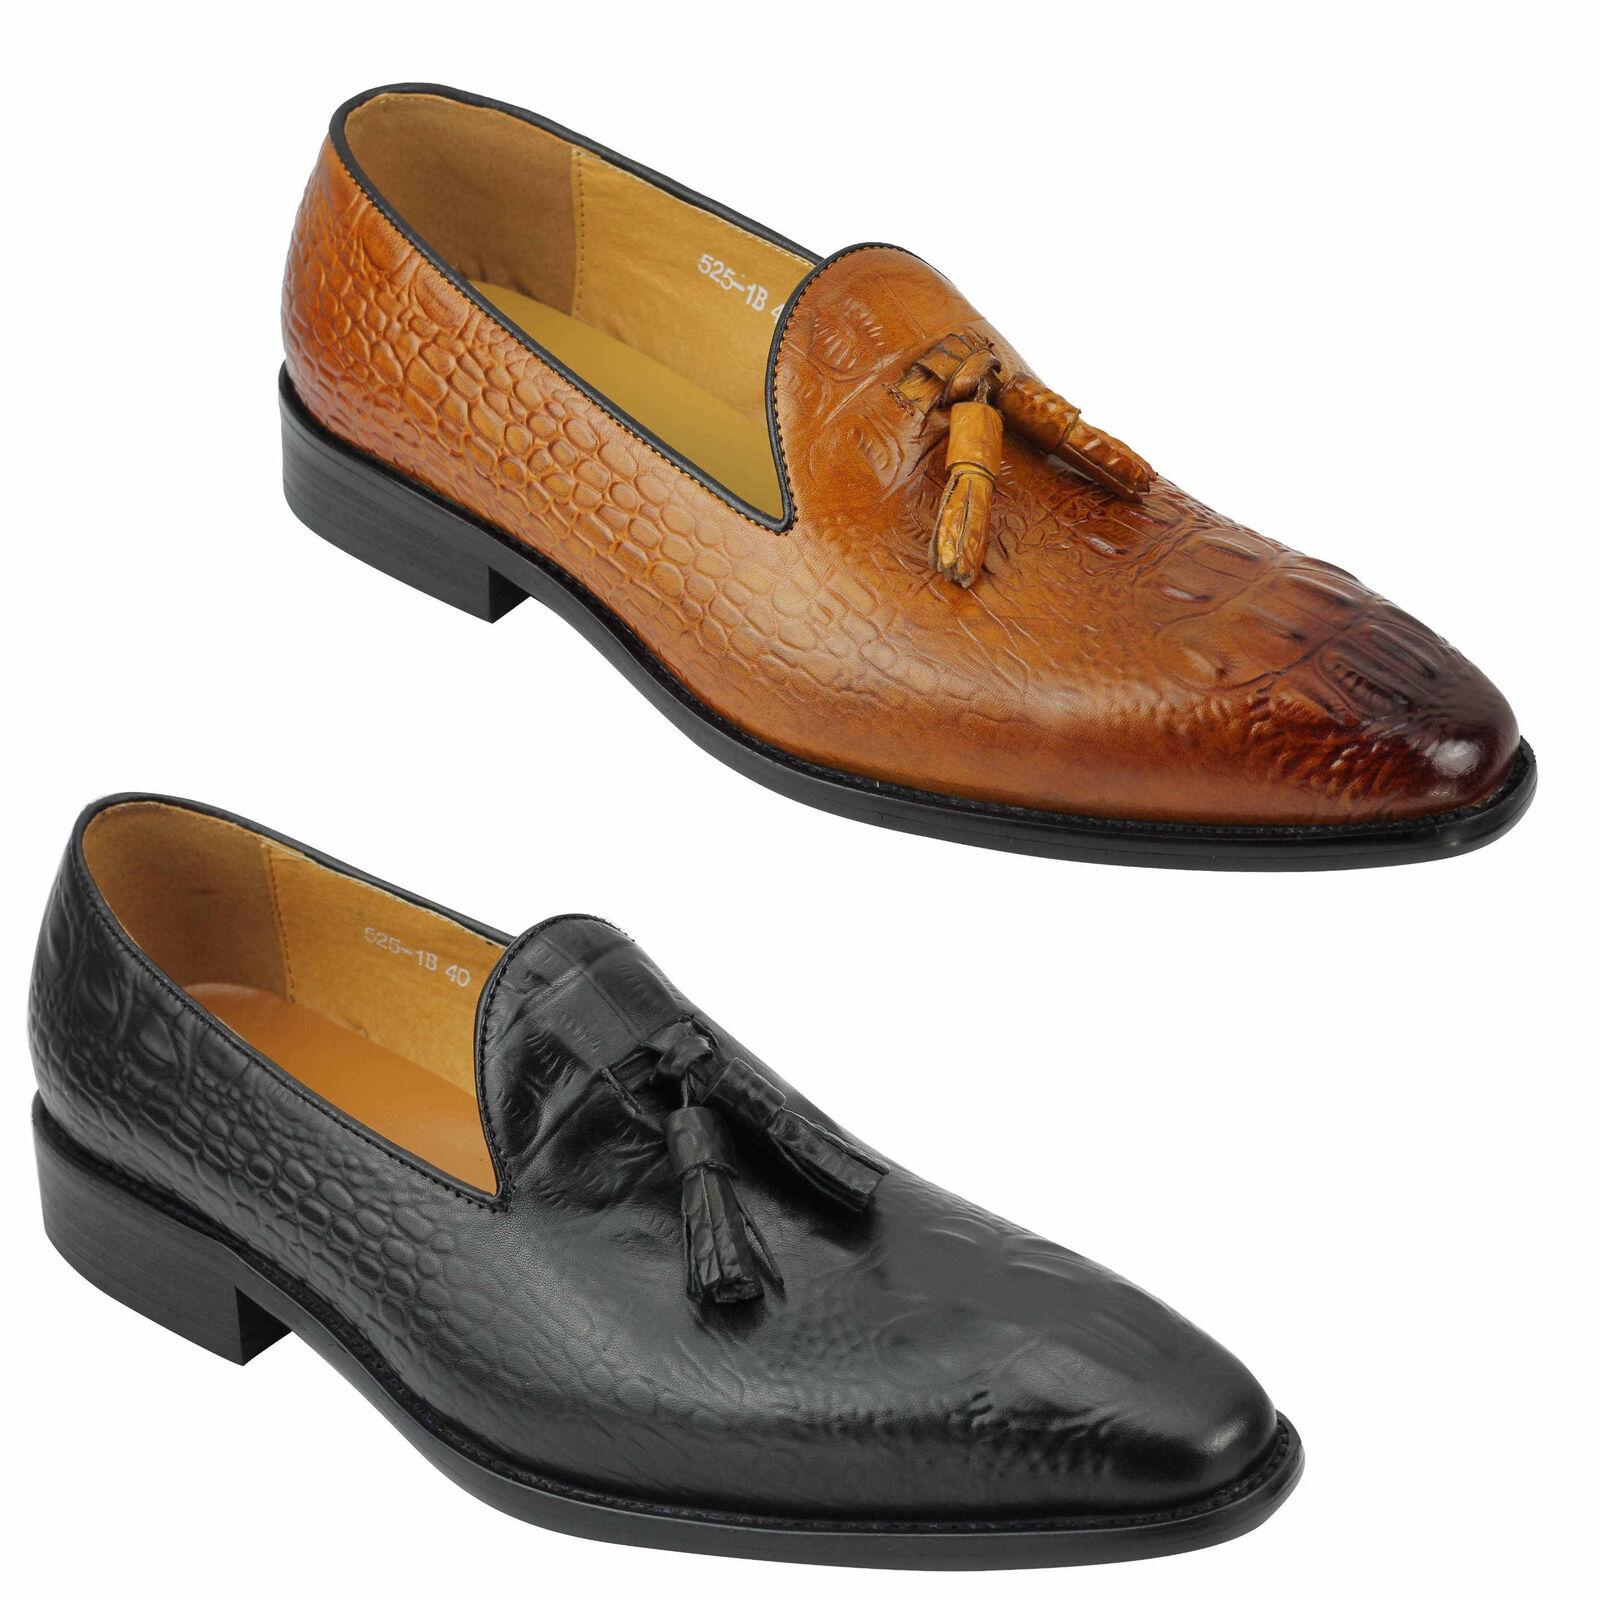 Nuevo Hombres Bronceado Negro Cuero real Piel de serpiente Aspecto Borla Mocasines zapatos 6 7 8 9 10 11